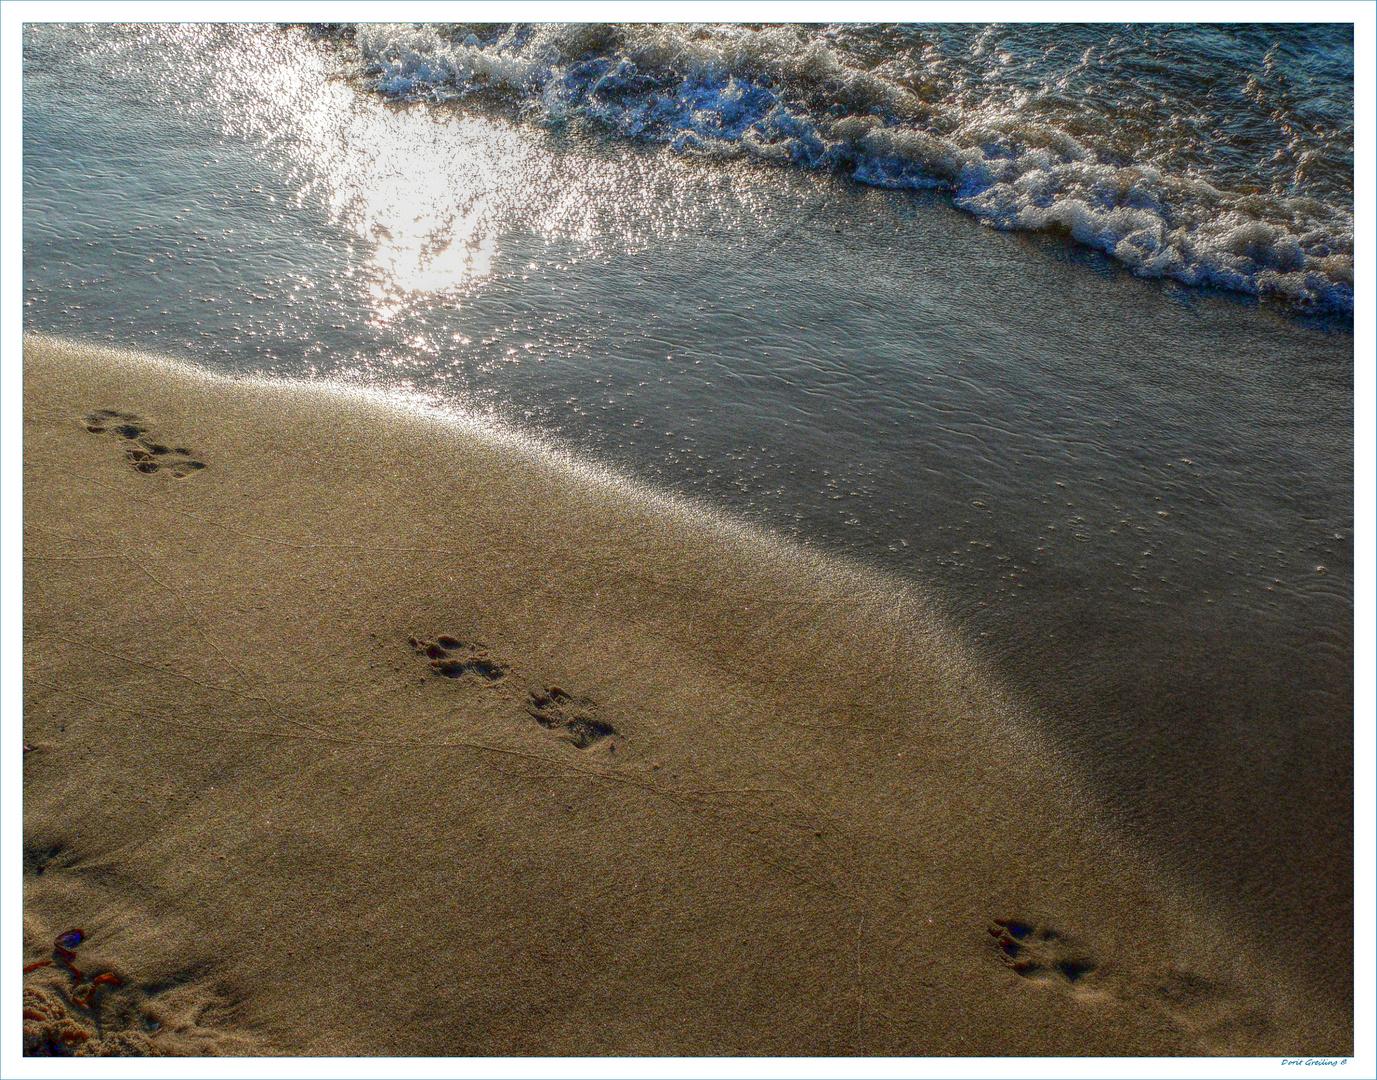 ... deine Spuren im Sand